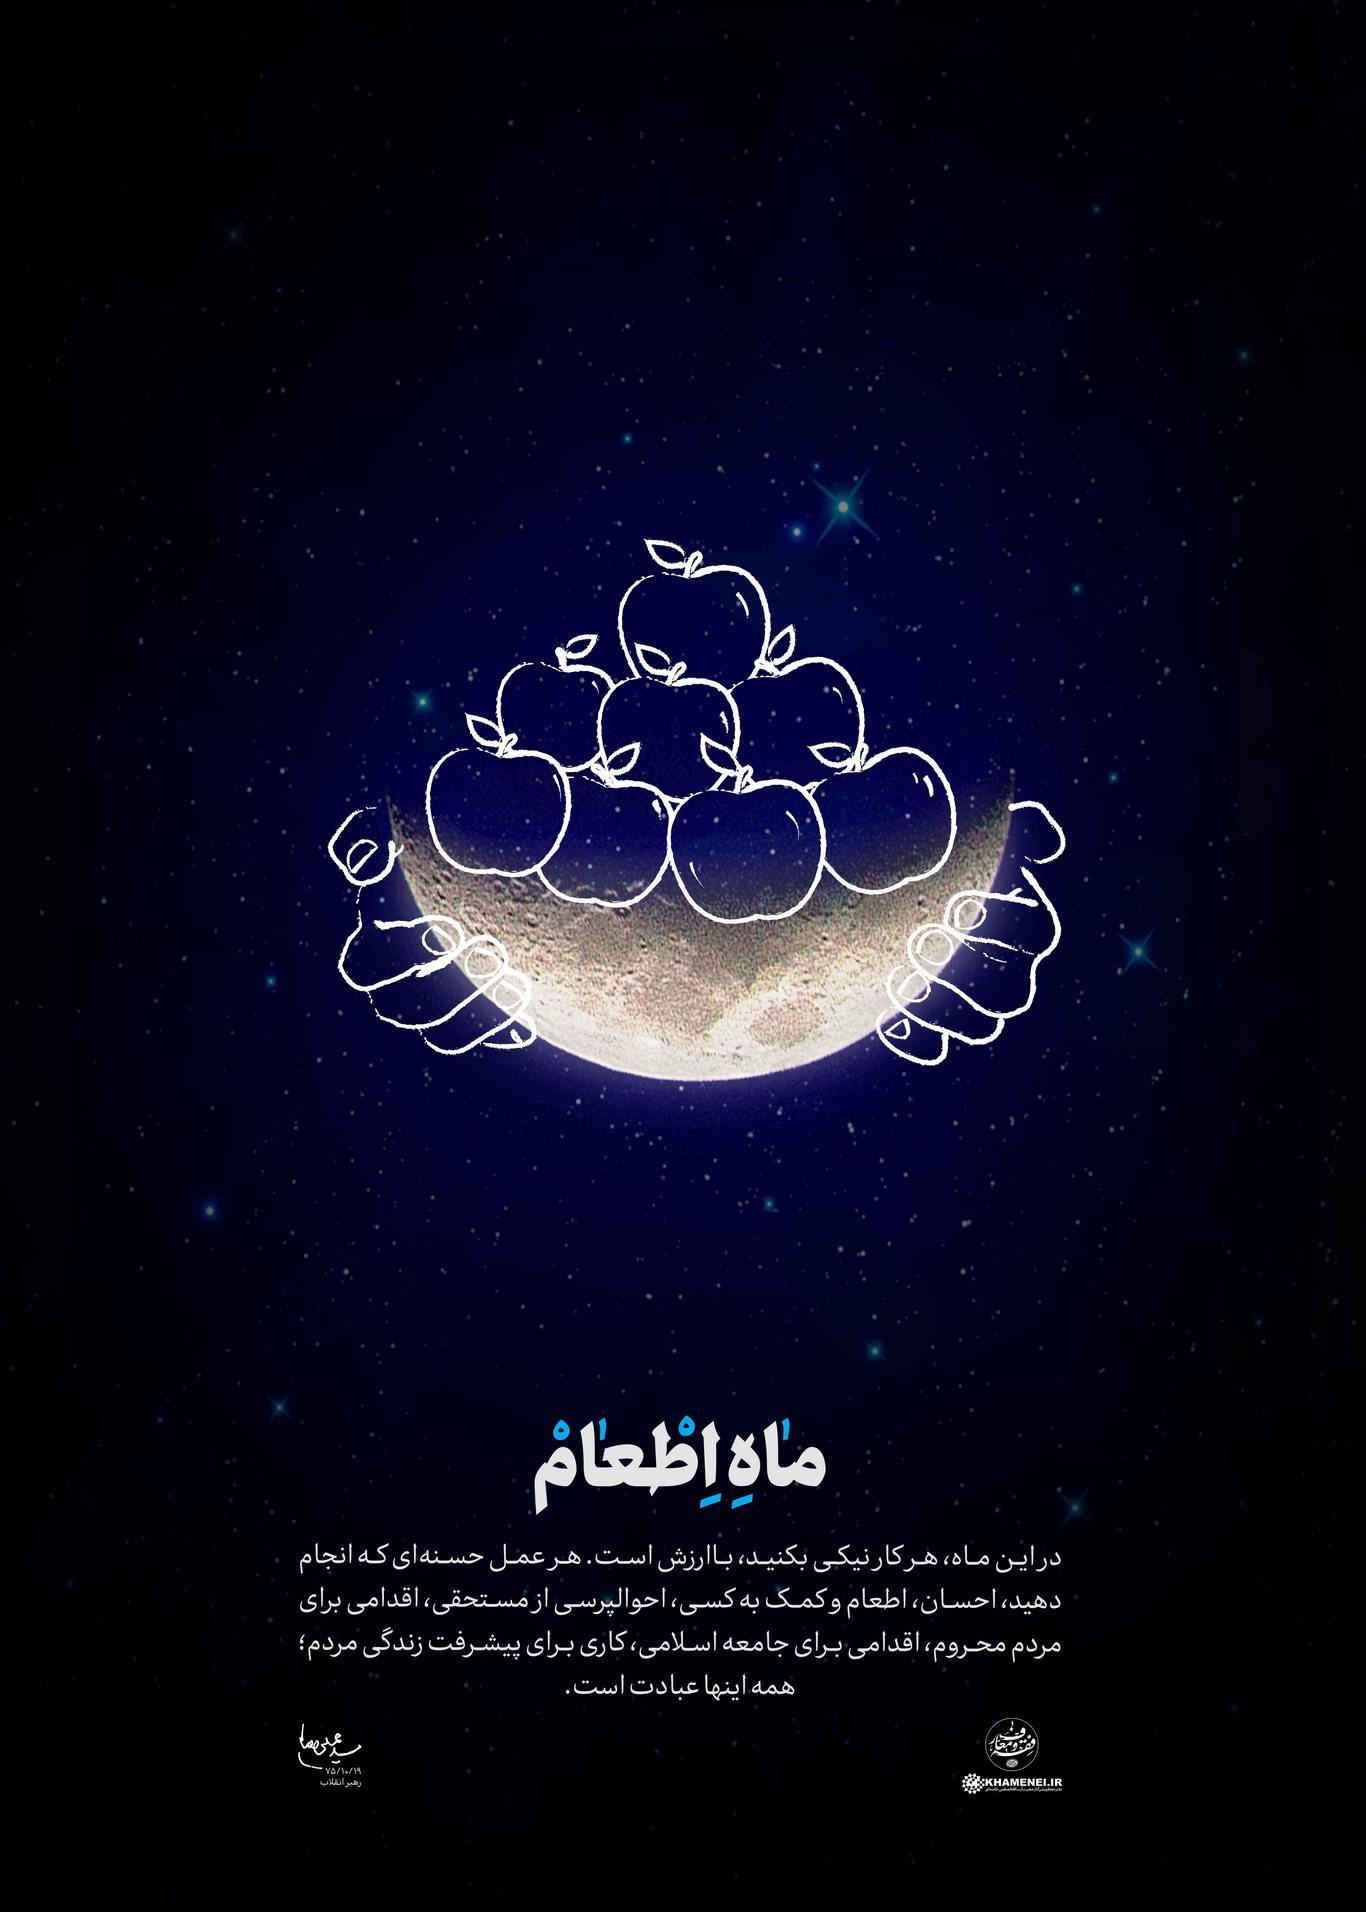 پوستر بیانات مقام معظم رهبری: ماه اطعام (+ متن) مجموعه لوح «ماه اطعام»